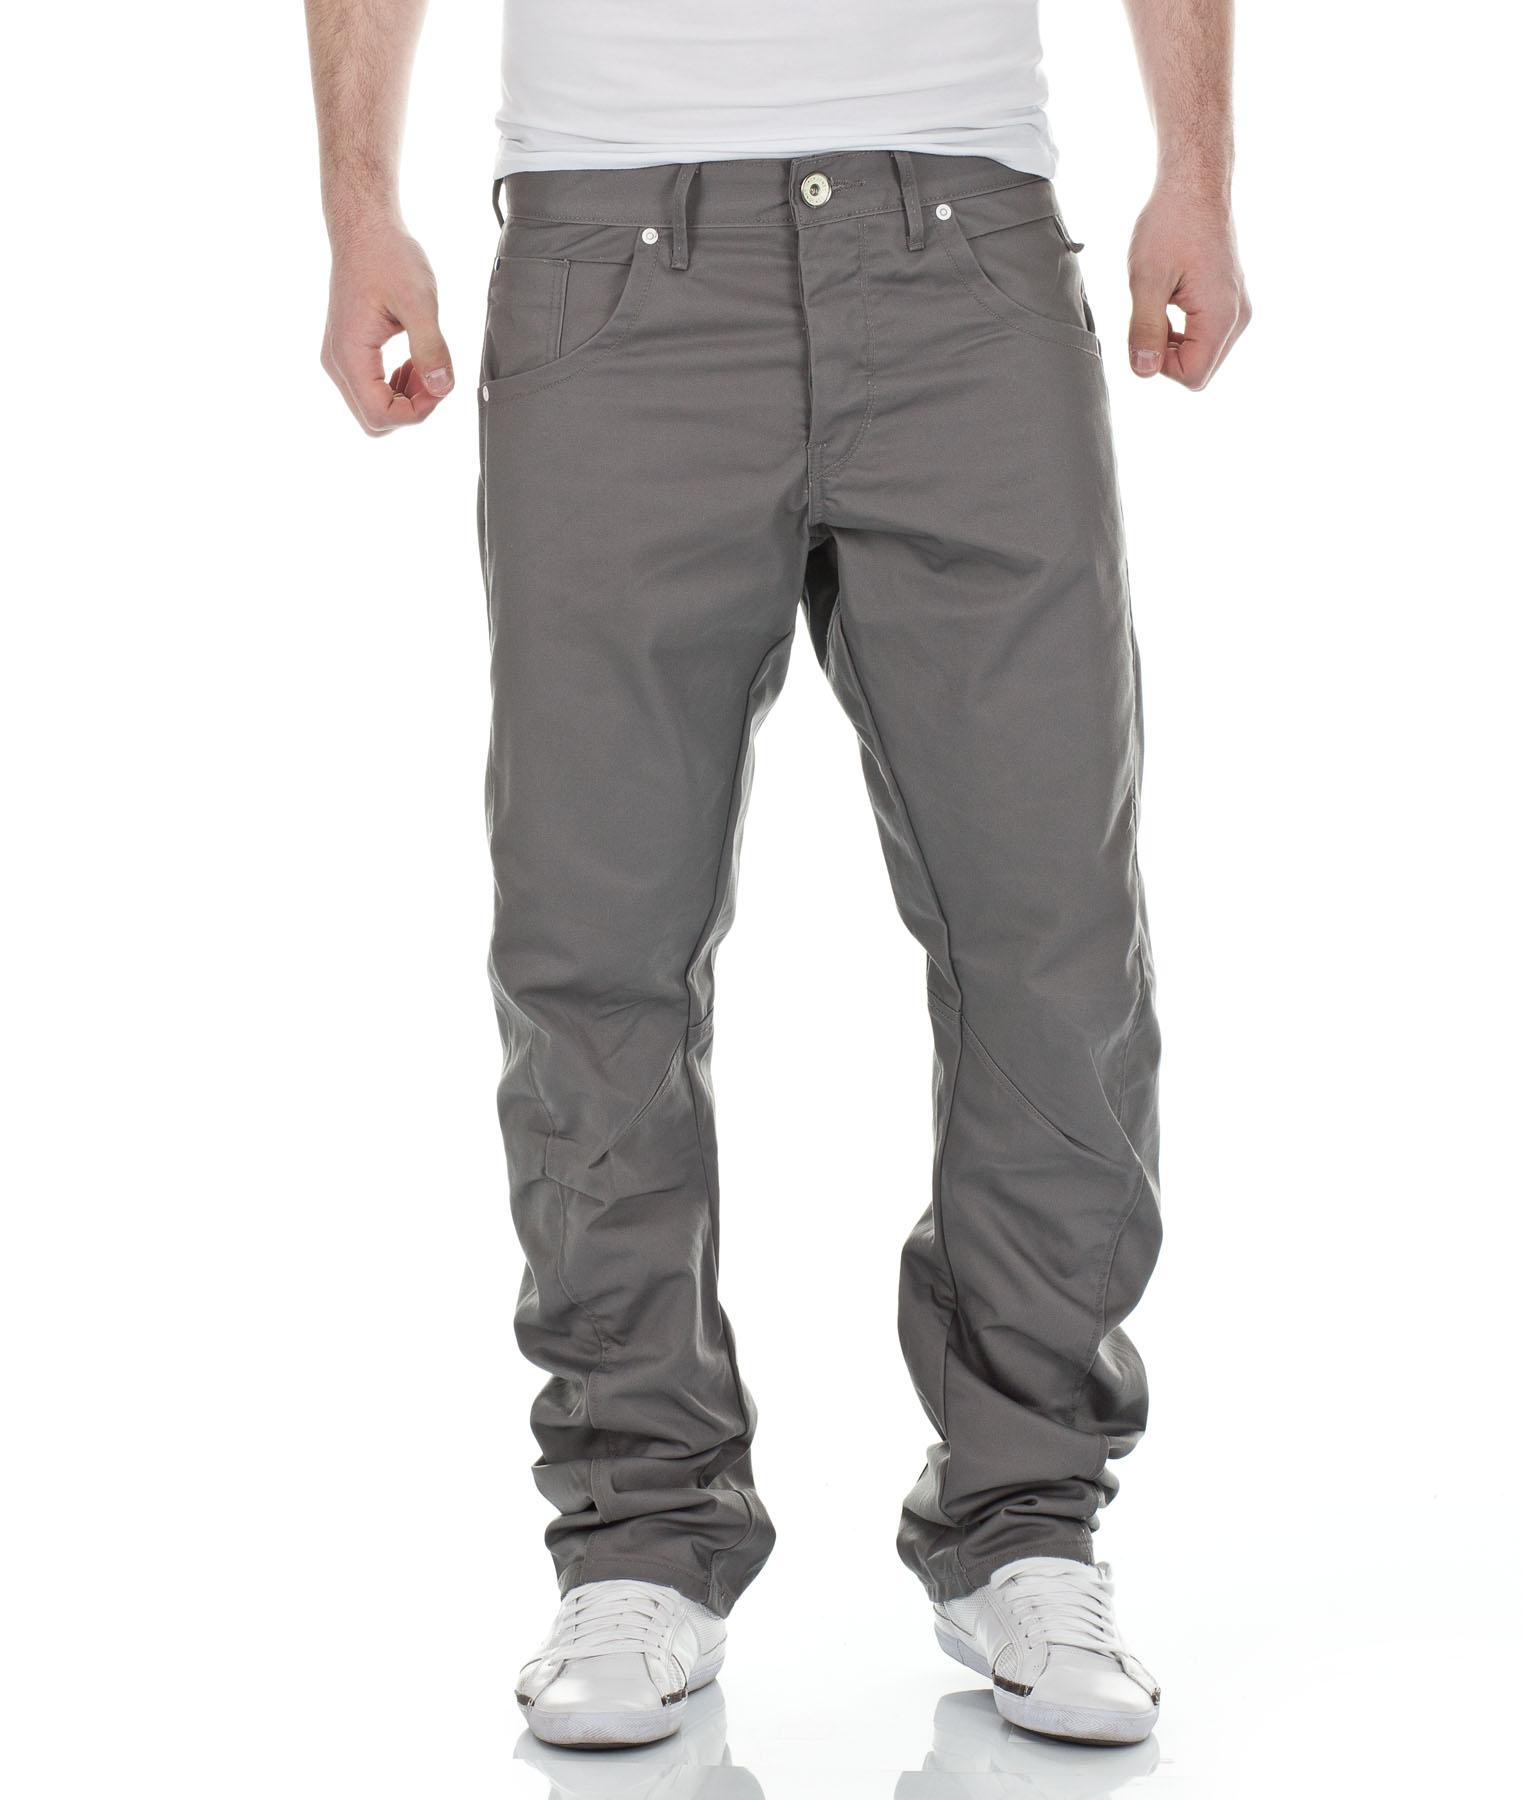 jack jones herren hose by bestseller jeans 2012 star mod. Black Bedroom Furniture Sets. Home Design Ideas